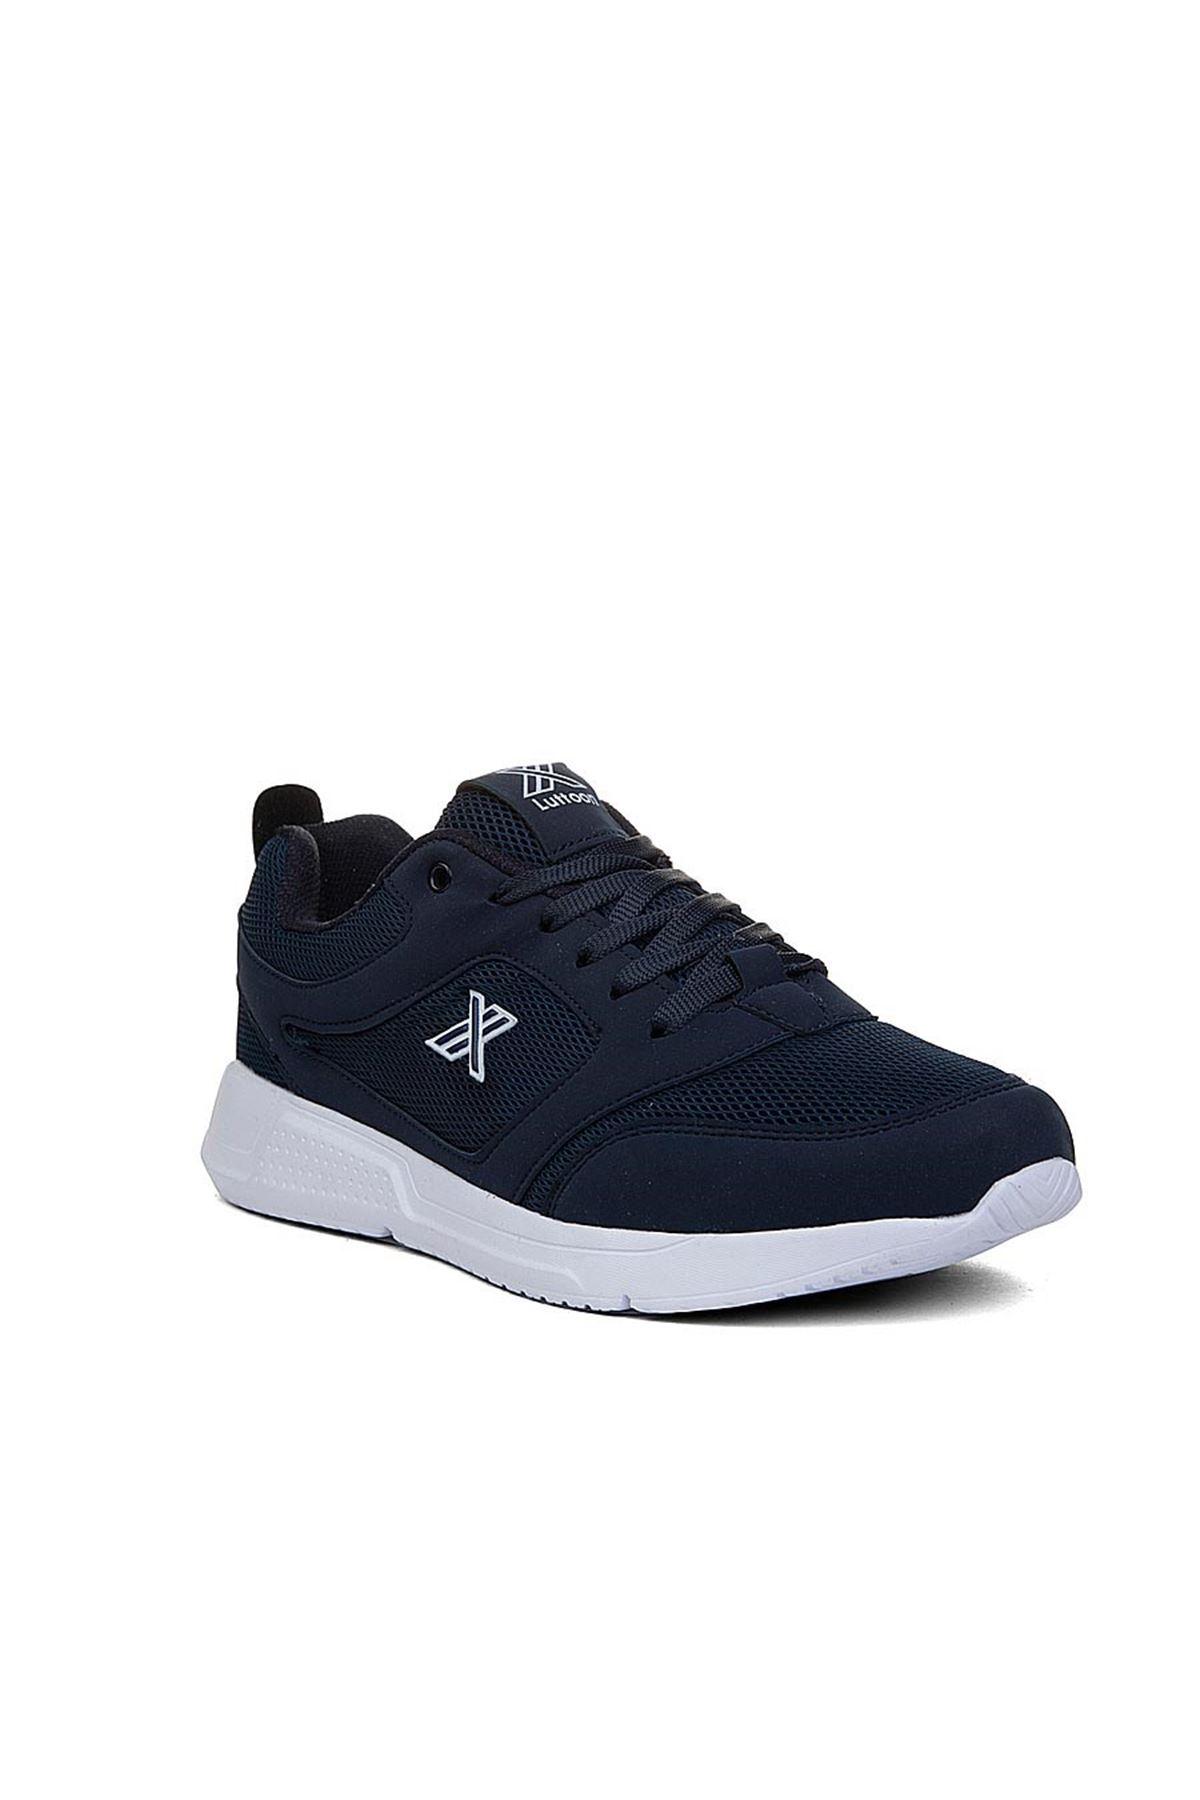 Trendayakkabı - 203 - Lacivert beyaz Kadın Spor Ayakkabısı